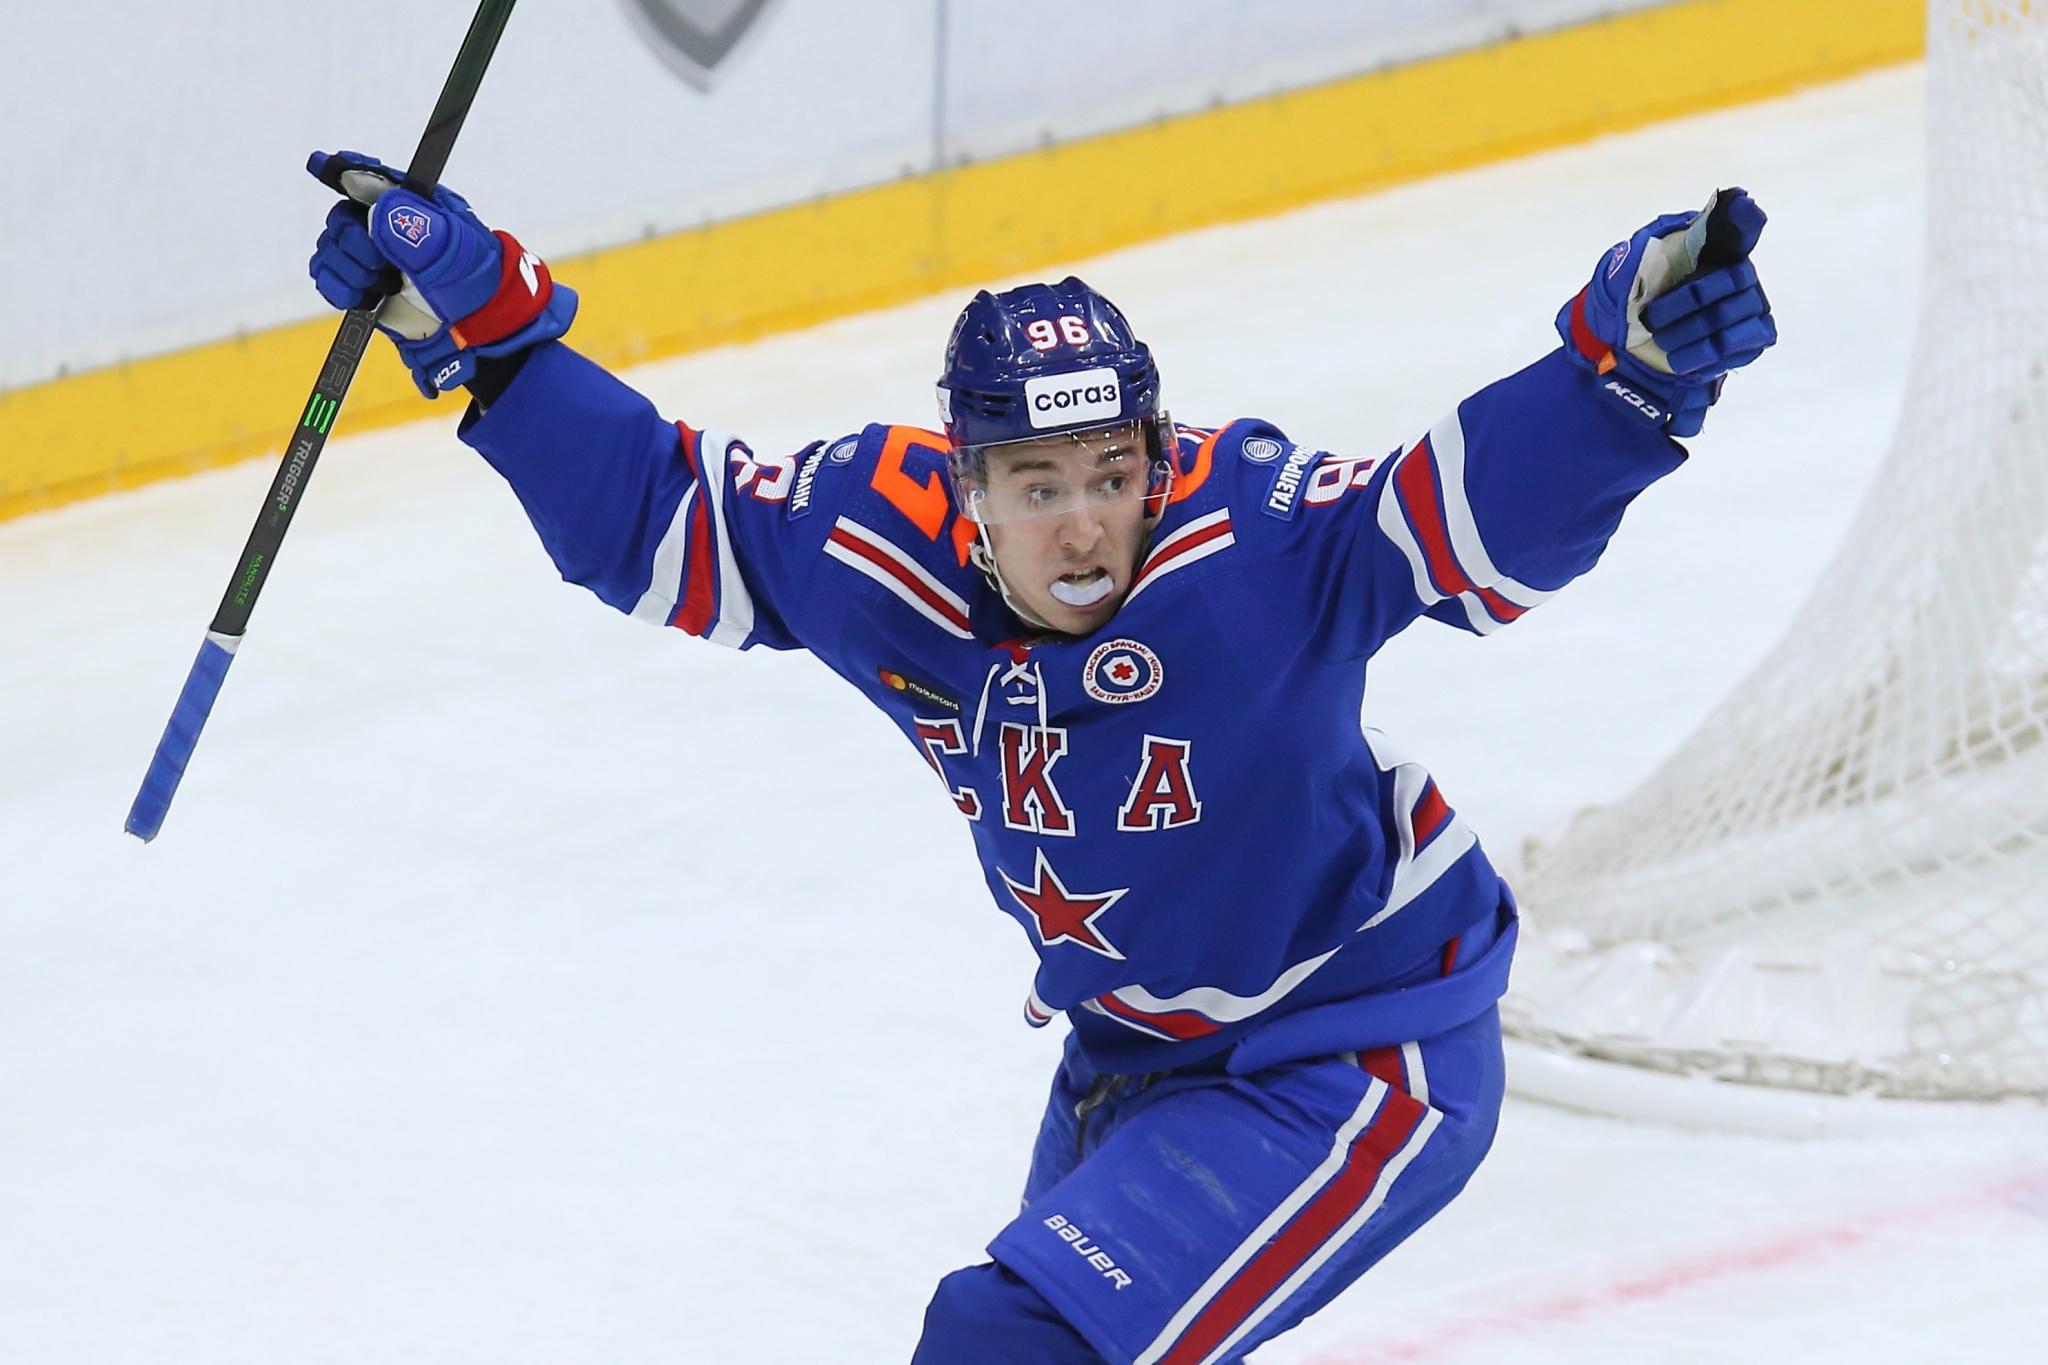 Андрей Кузьменко. Фото: Илья Смирнов